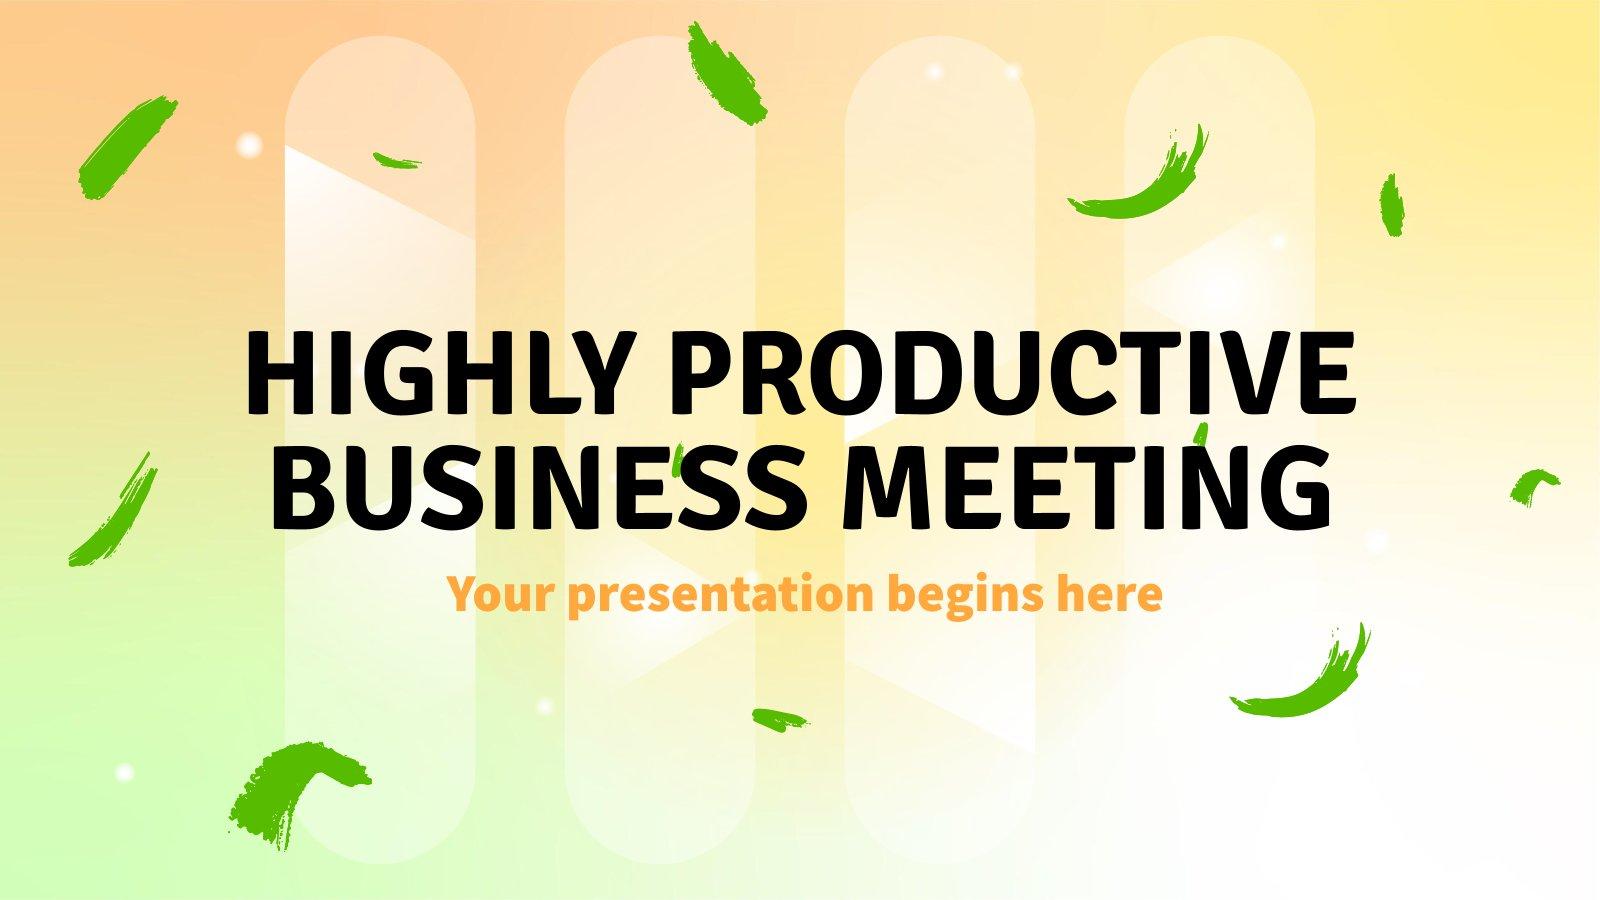 Plantilla de presentación Una reunión de negocios muy productiva